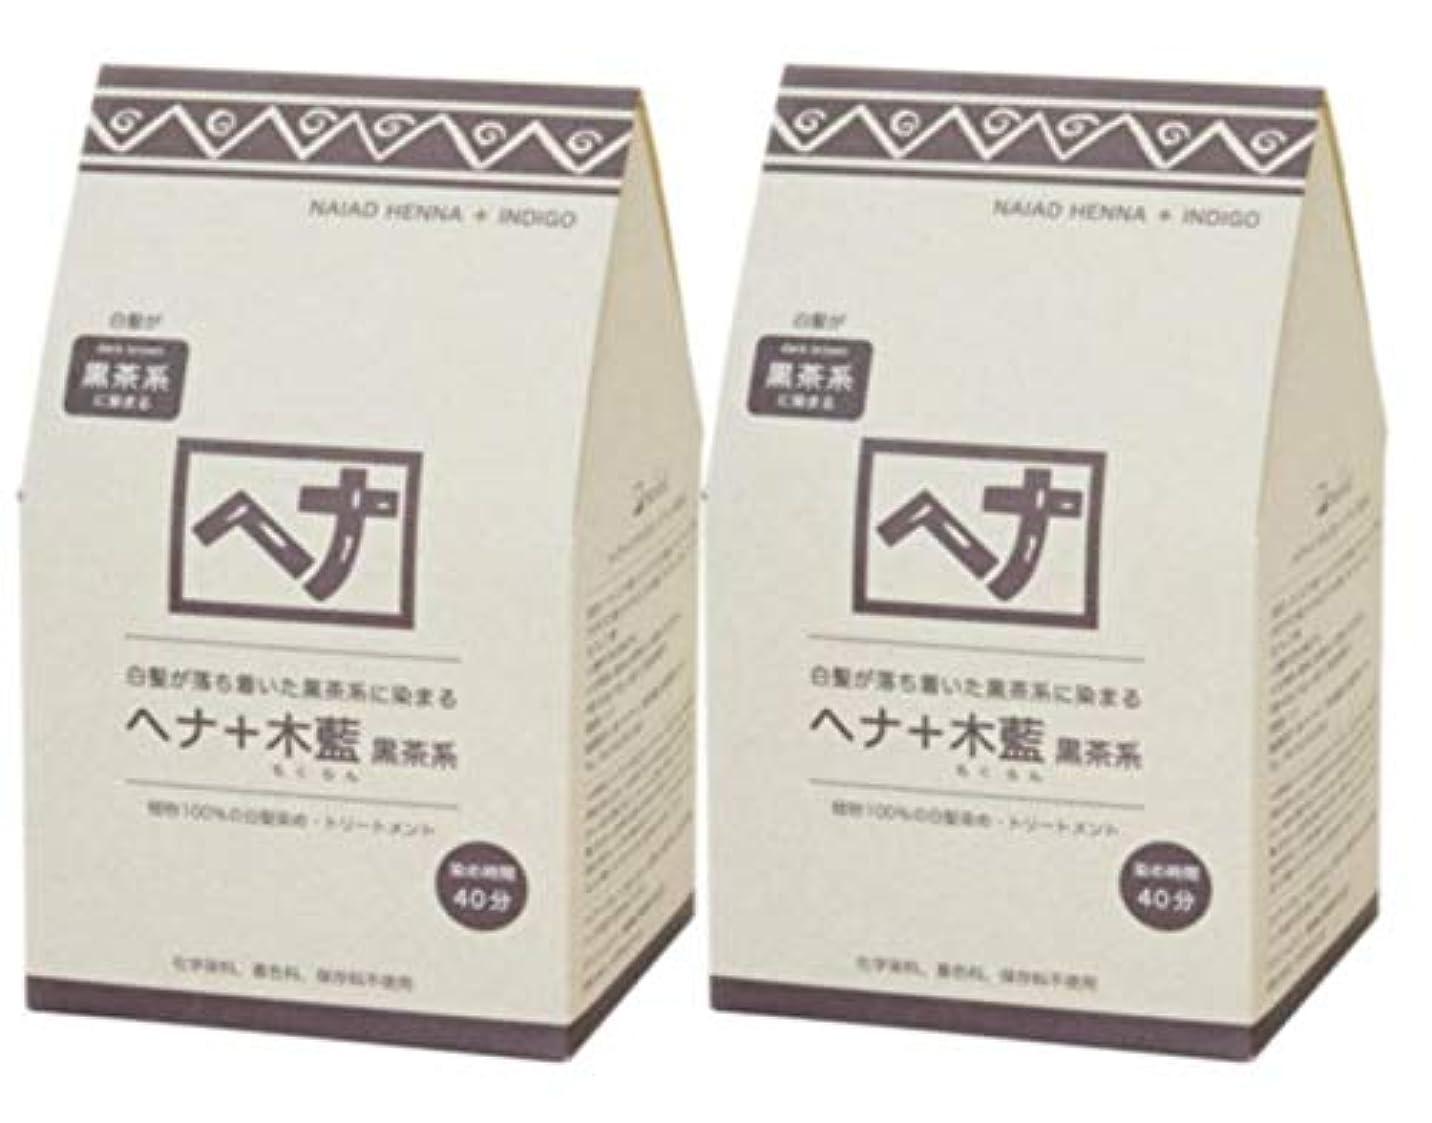 生産性逆さまに最少Naiad(ナイアード) ヘナ+木藍 黒茶系 400g 2個セット